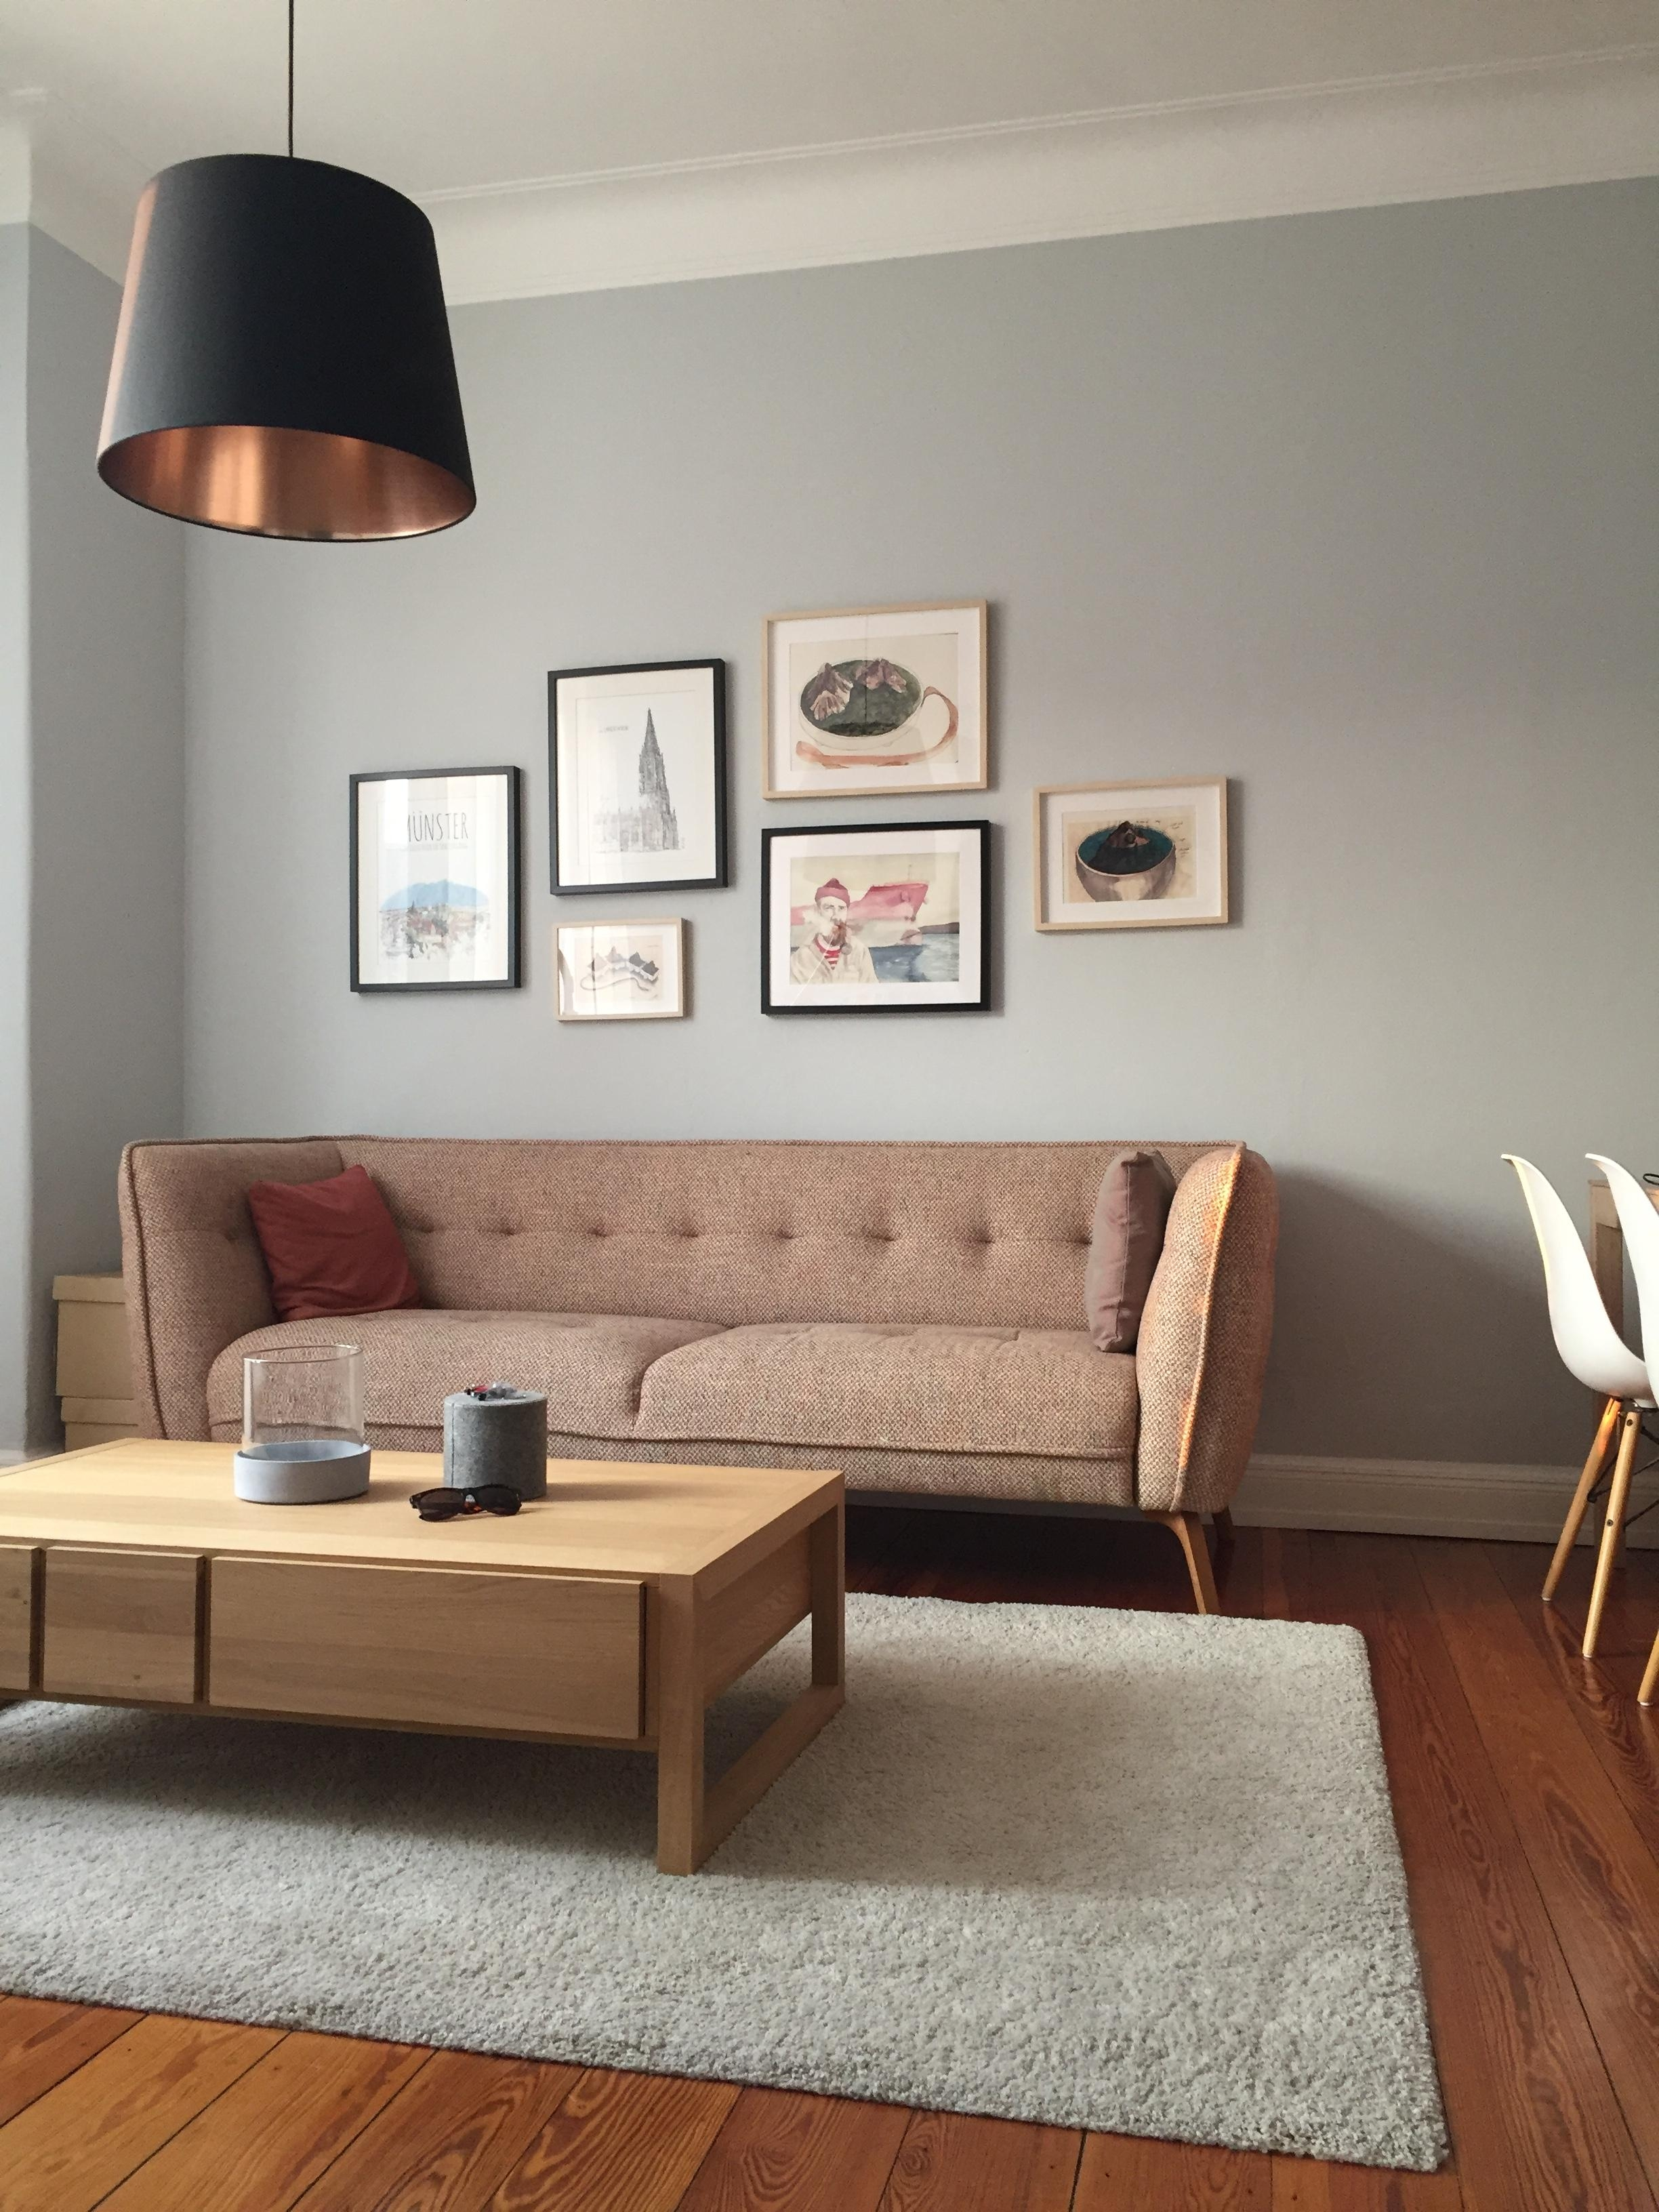 Neue Farbe// #farbgestaltung #wohnzimmer #couch #art #altbau #hamburg